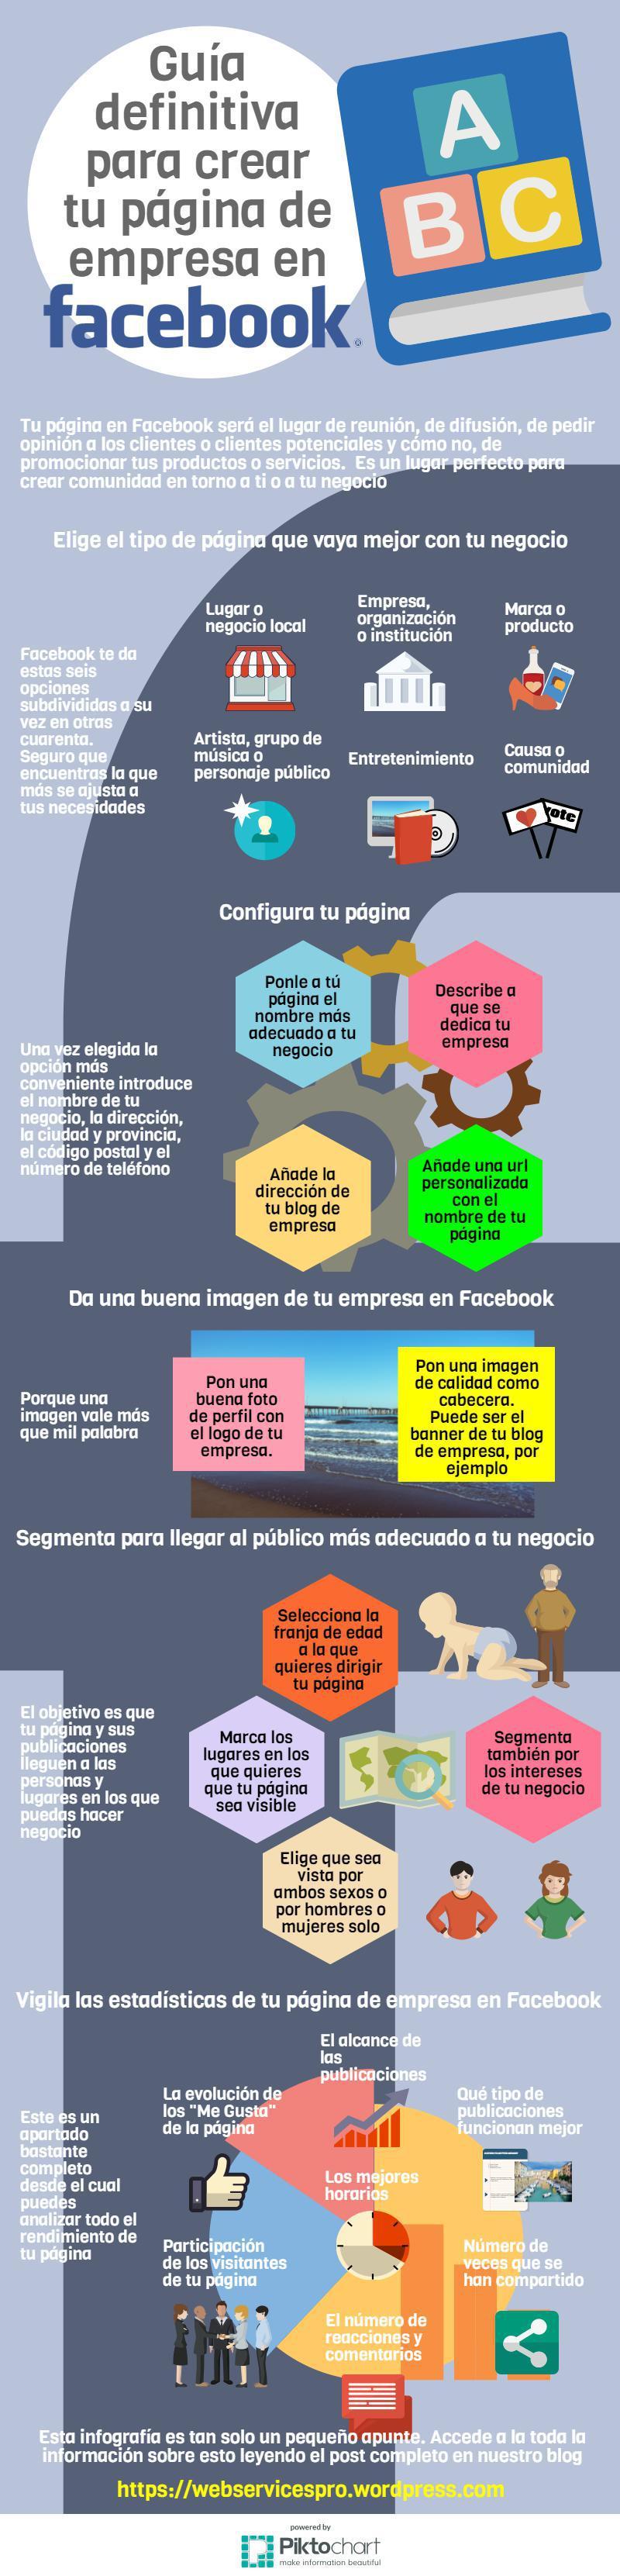 Guía para crear tu página de empresa en Facebook